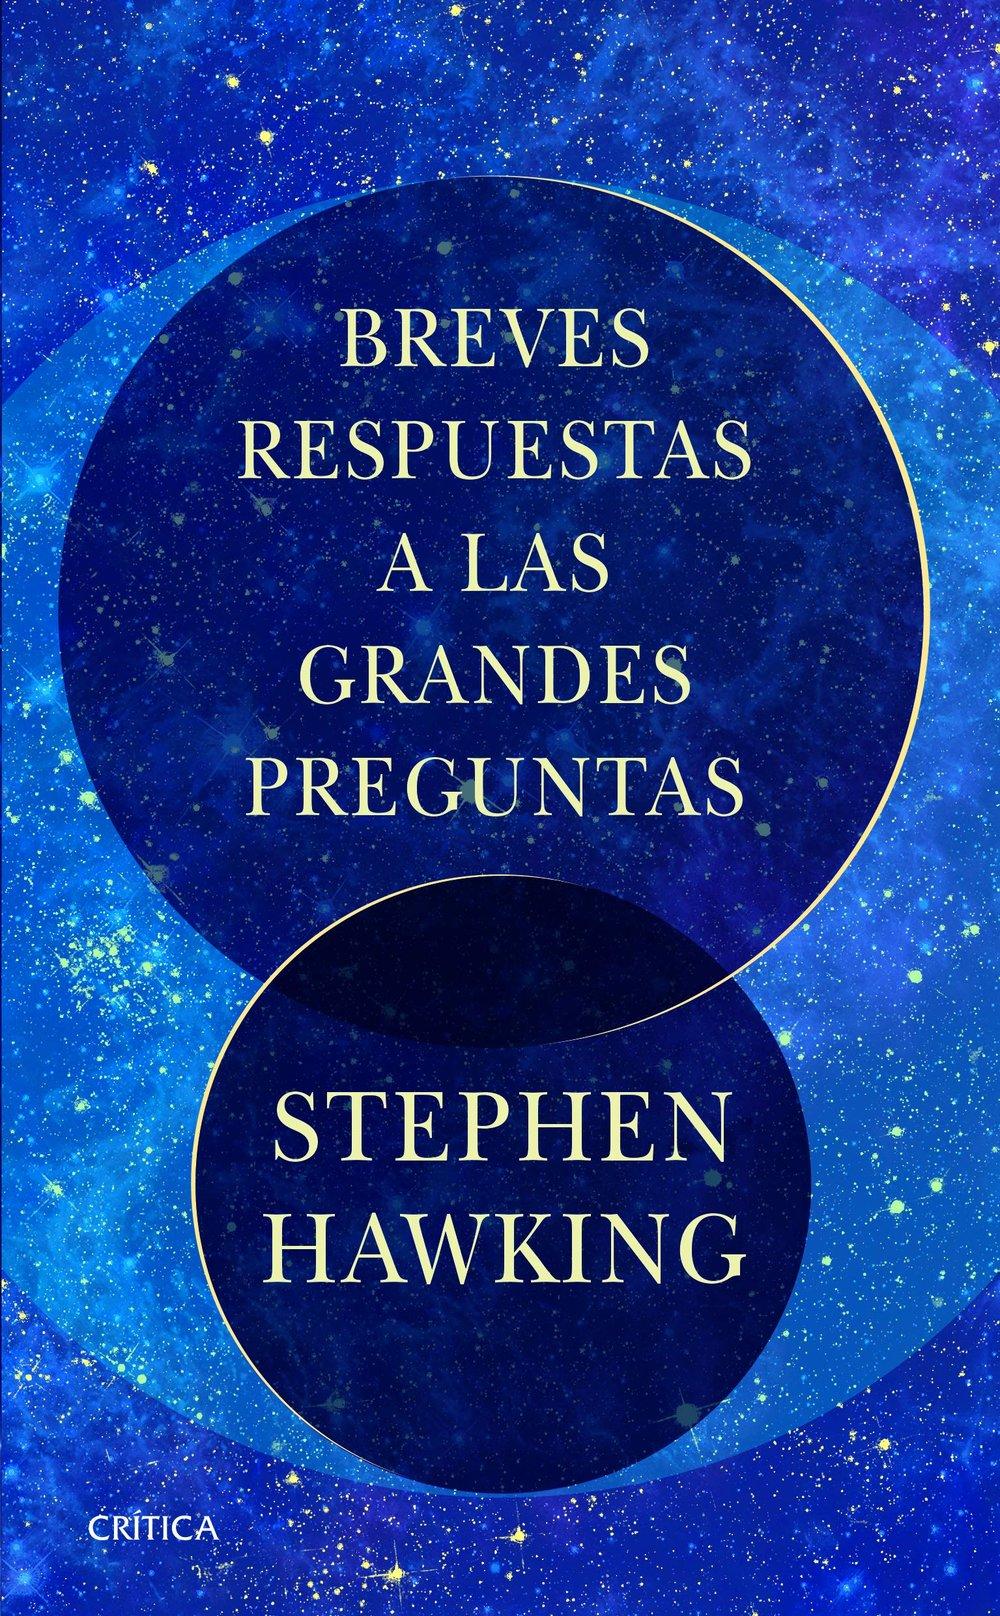 BREVES RESPUESTAS A LAS GRANDES PREGUNTAS  (Ciencia y Matemáticas)  Stephen Hawking fue reconocido como una de las mentes más brillantes de nuestro tiempo y una figura de inspiración. Es conocido tanto por sus avances en física teórica como por su capacidad para hacer accesibles para todos conceptos complejos y destacó por su travieso sentido del humor. En el momento de su muerte, Hawking estaba trabajando en un proyecto final: un libro que compilaba sus respuestas a las «grandes» preguntas que a menudo se le planteaban: preguntas que iban más allá del campo académico. Dentro de estas páginas, ofrece su punto de vista personal sobre nuestros mayores desafíos como raza humana, y hacia dónde, como planeta, nos dirigimos después. Cada sección será presentada por un pensador líder que ofrecerá su propia visión de la contribución del profesor Hawking a nuestro entendimiento.